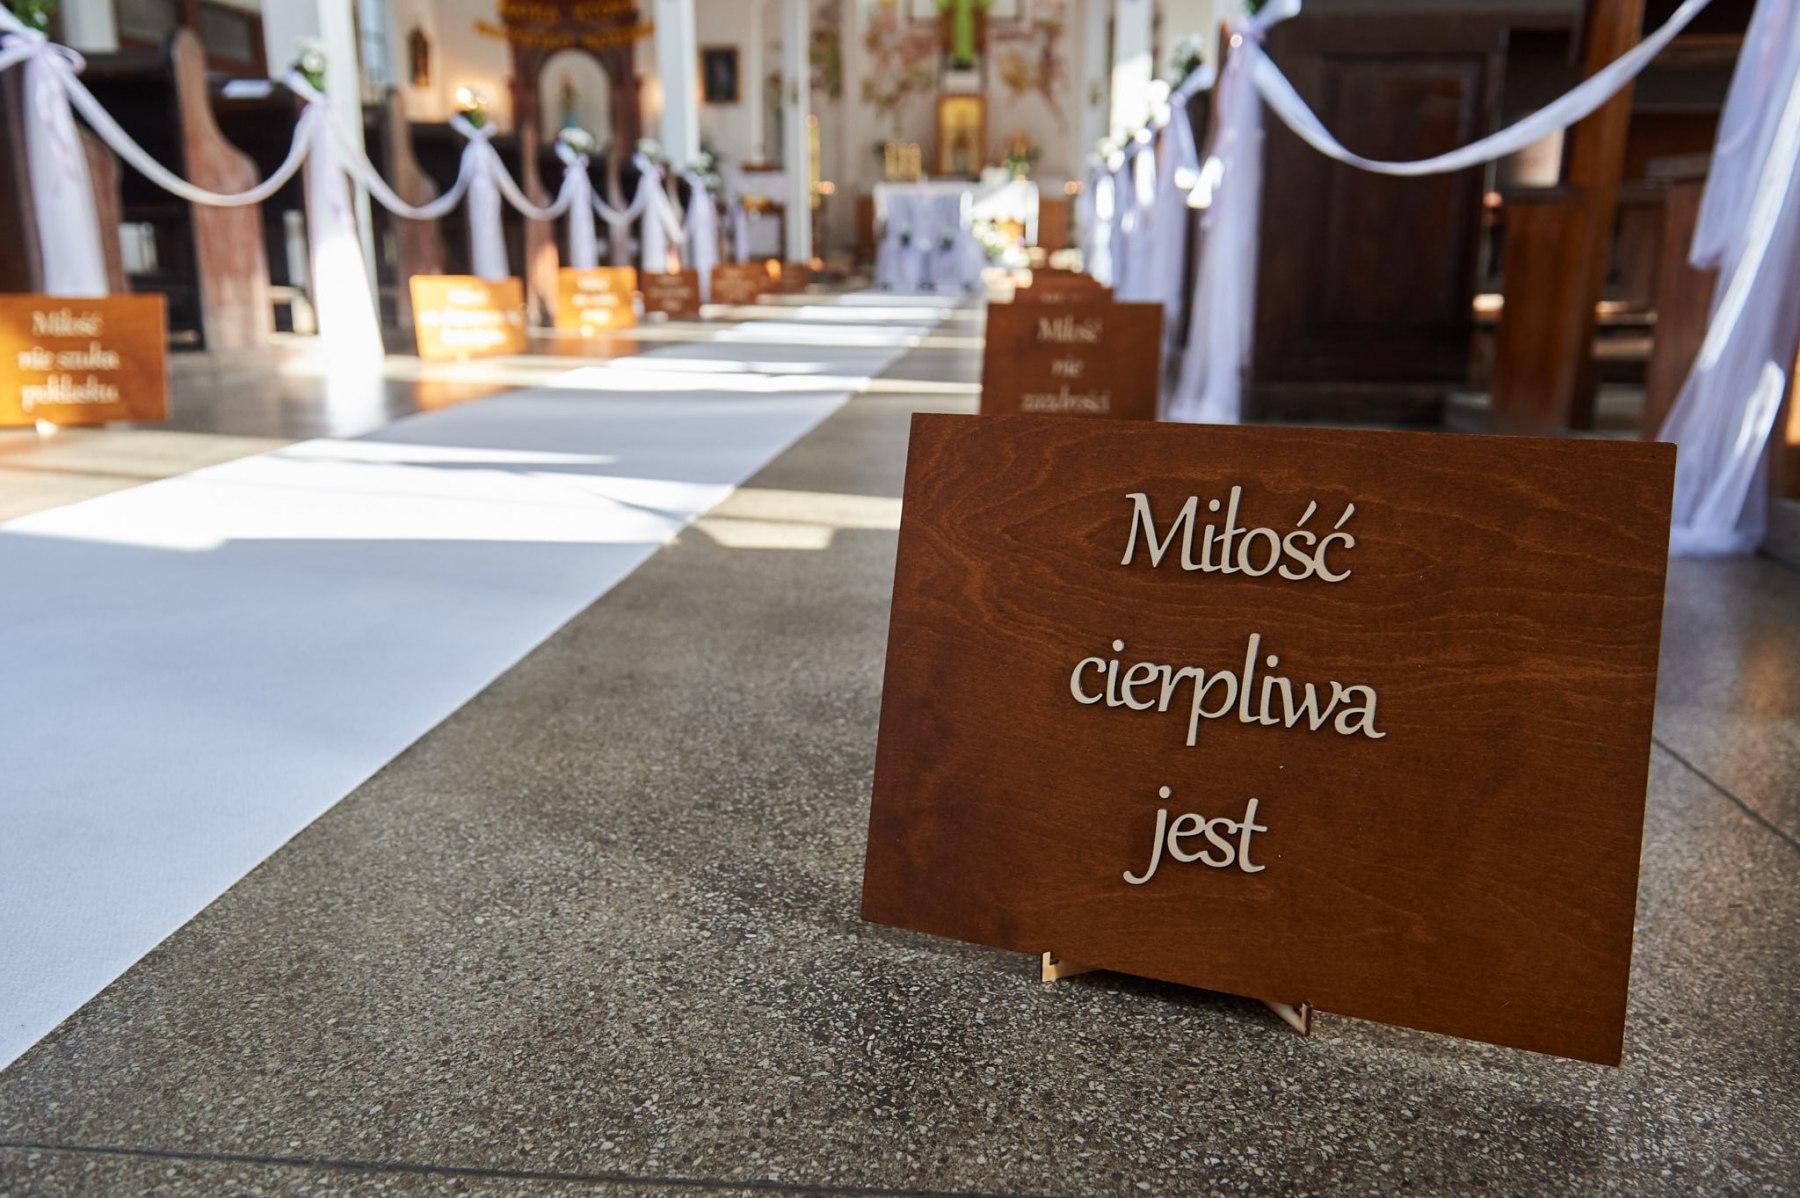 Ola_Milosz-020